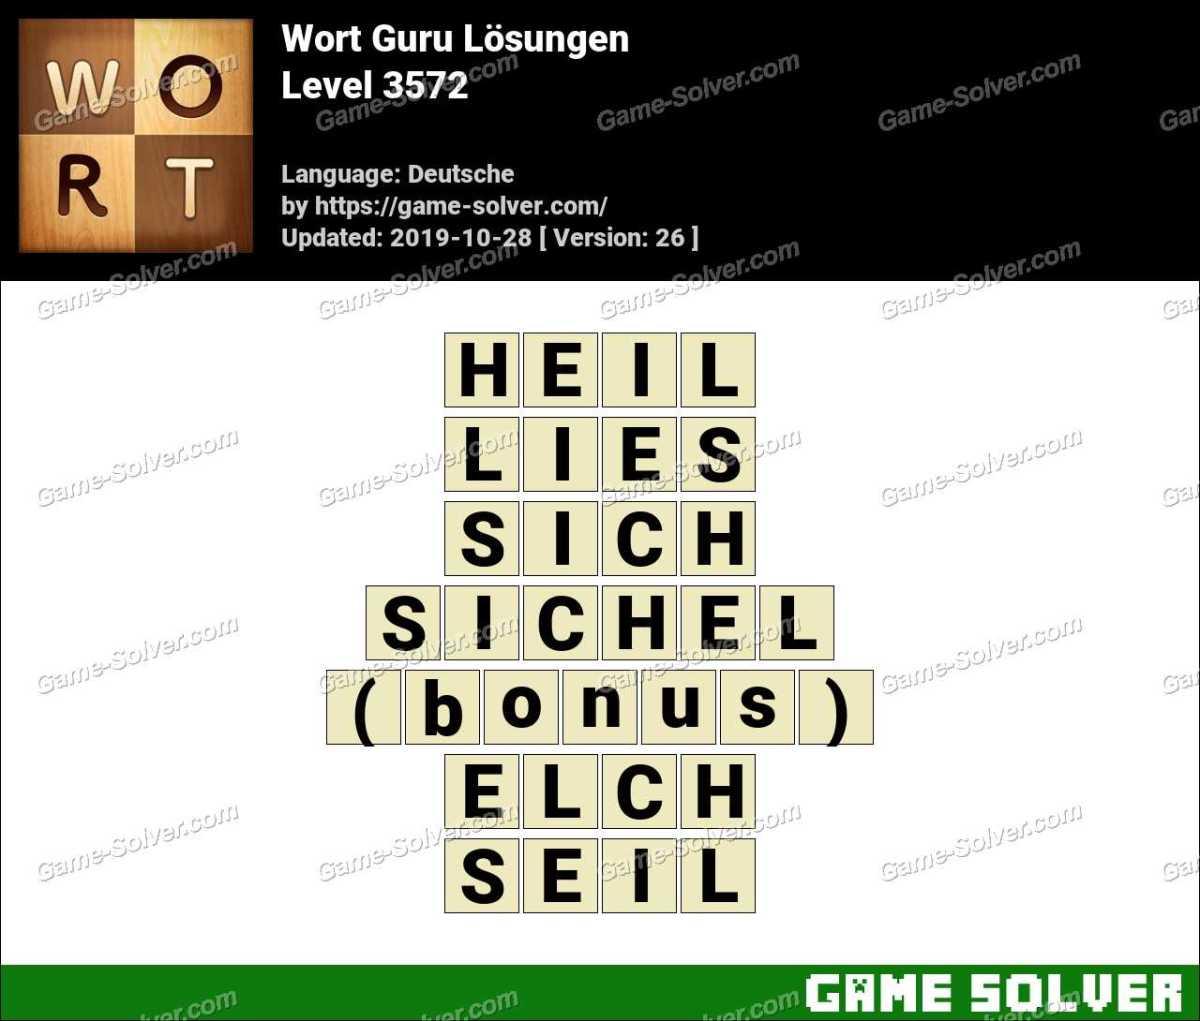 Wort Guru Level 3572 Lösungen